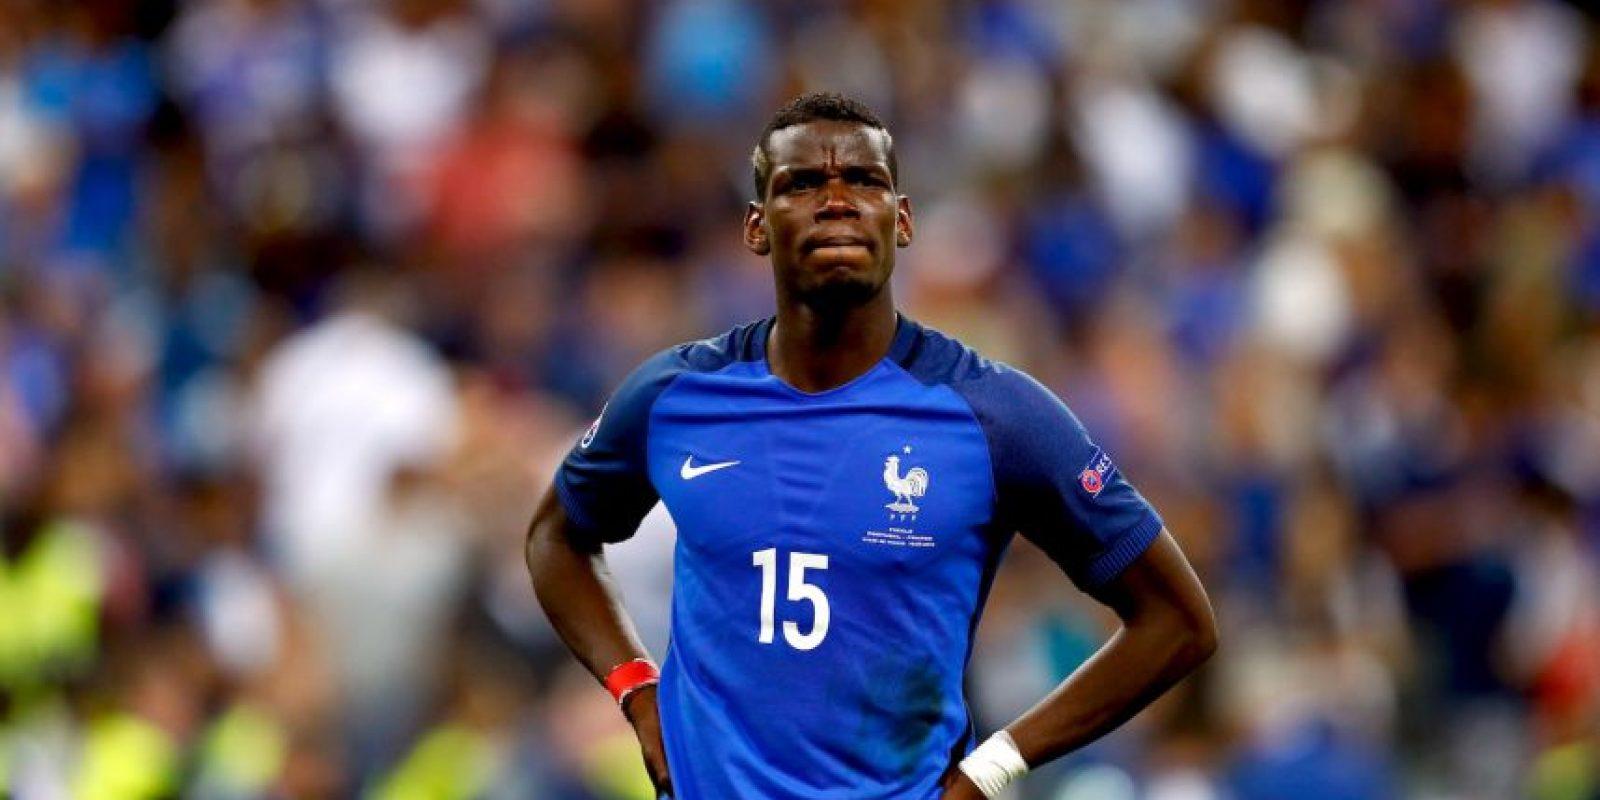 Manchester United esta dispuesto a pagar 120 millones de euros para recuperar al francés Foto:Getty Images